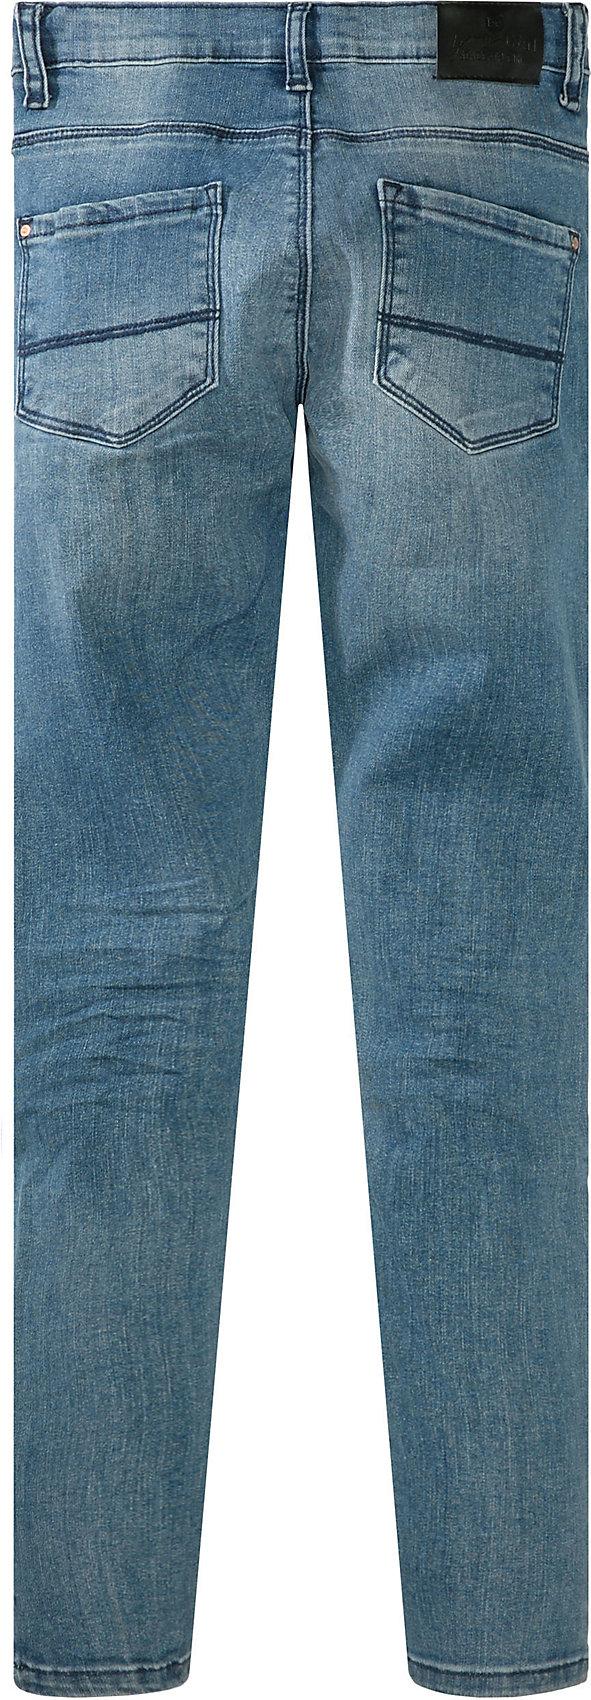 Details zu Neu STACCATO Jeans für Mädchen Skinny fit, Bundweite regular 11378776